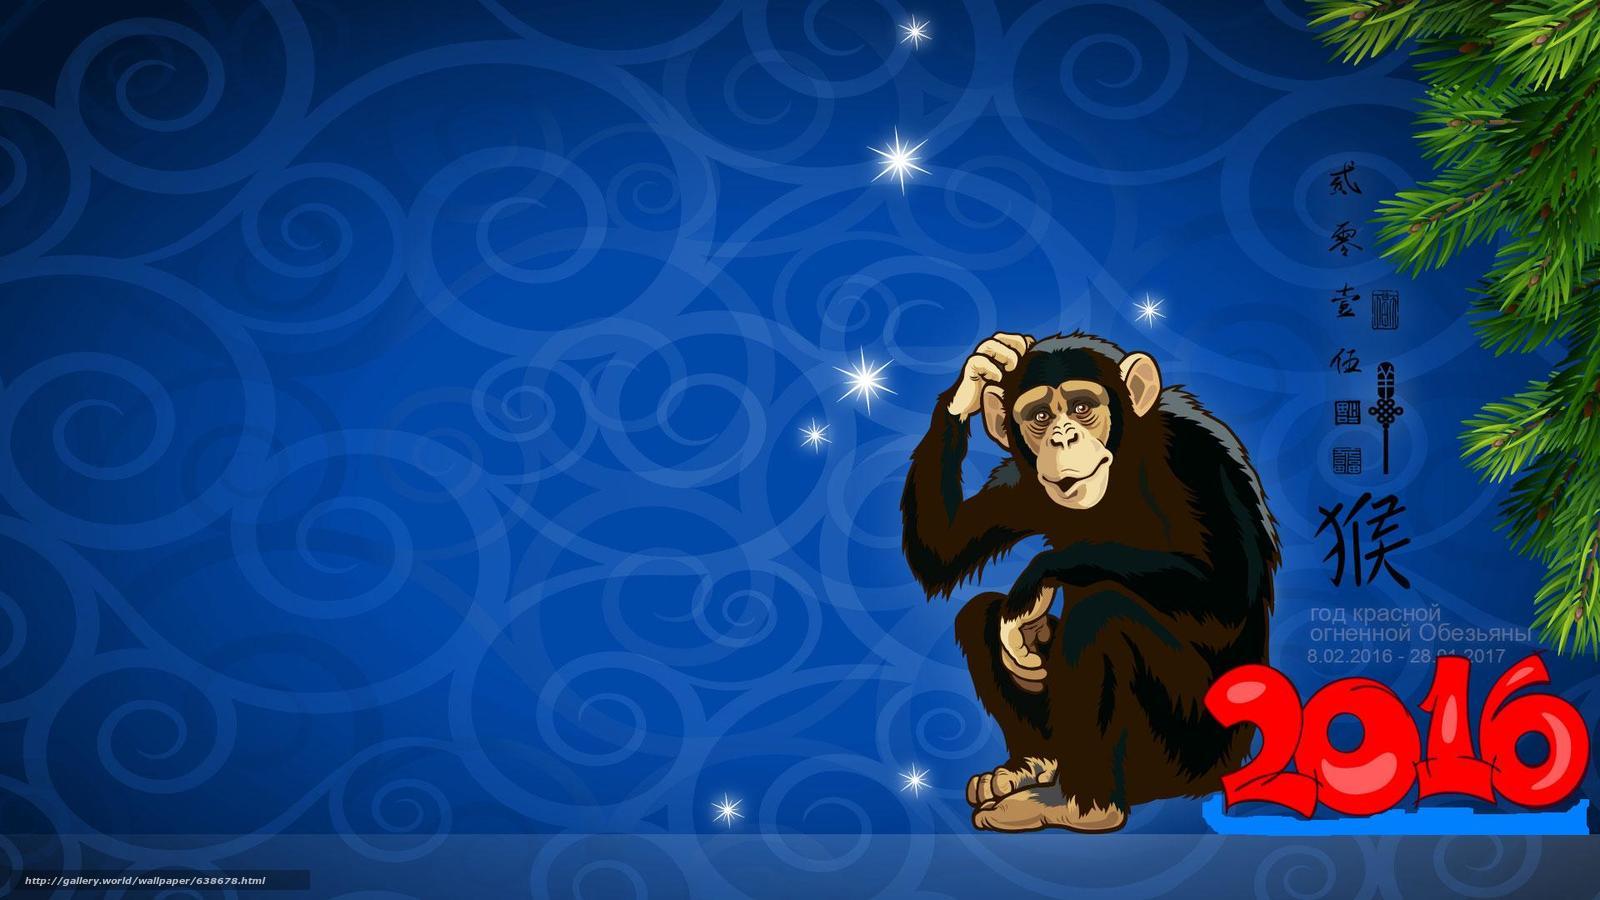 tlcharger fond d 39 ecran ann e red monkey singe 2016 papier peint avec un singe fonds d 39 ecran. Black Bedroom Furniture Sets. Home Design Ideas